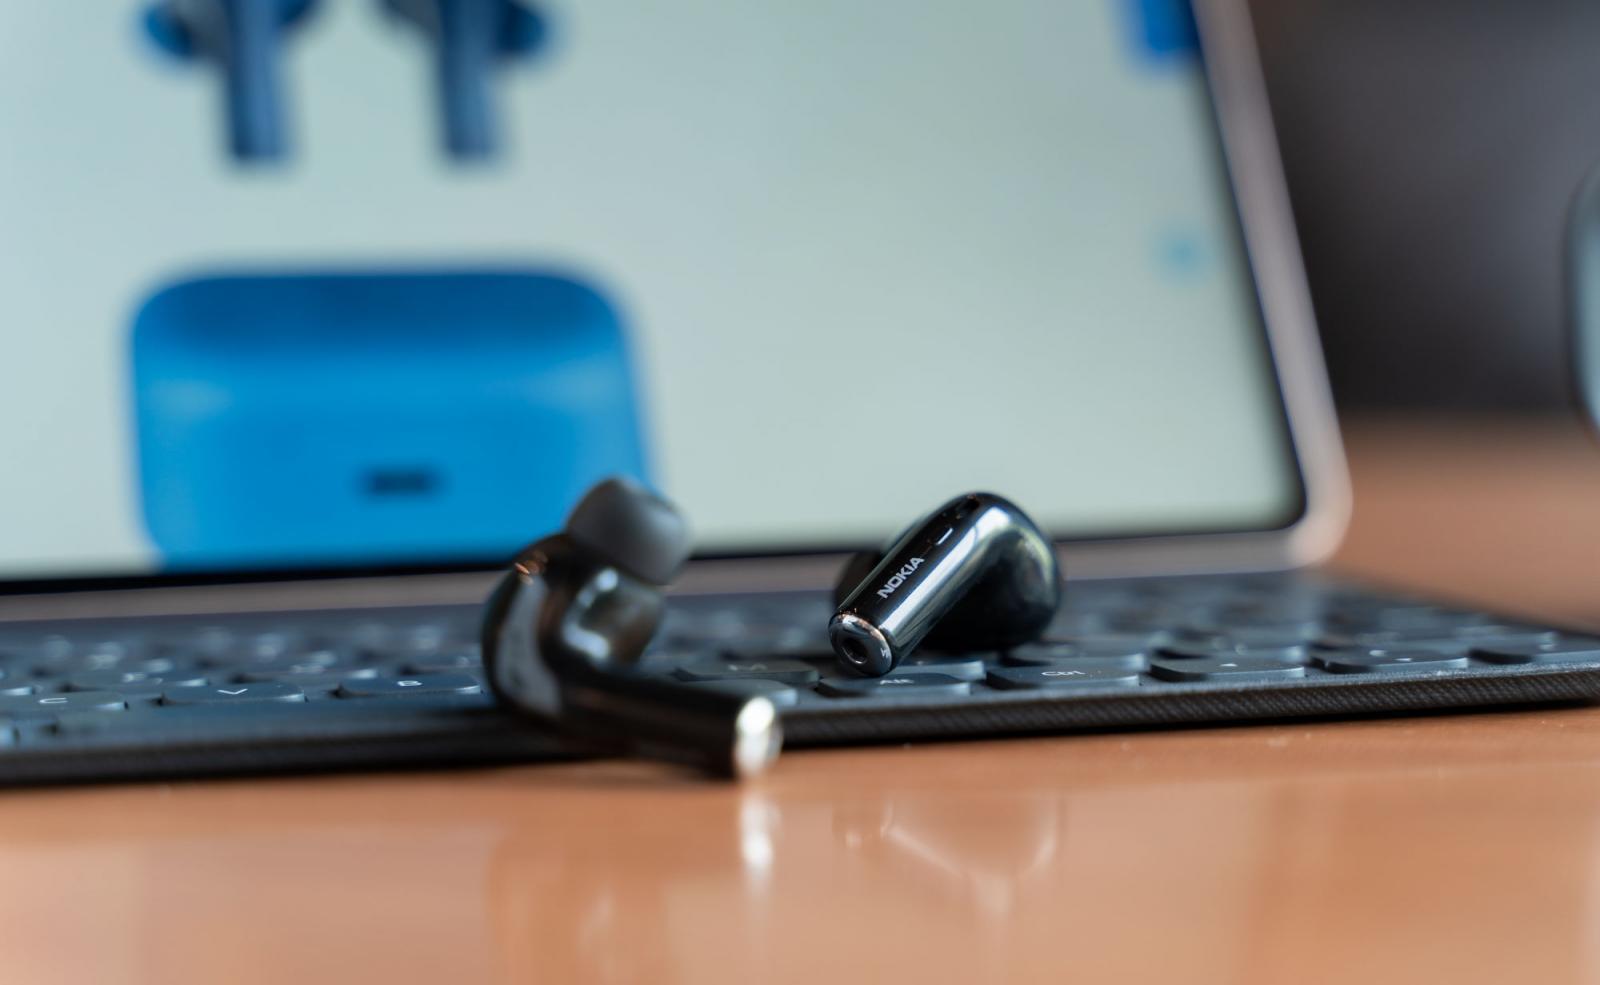 带降噪和环境声模式,售价还很亲民,这是诺基亚出的真无线耳机